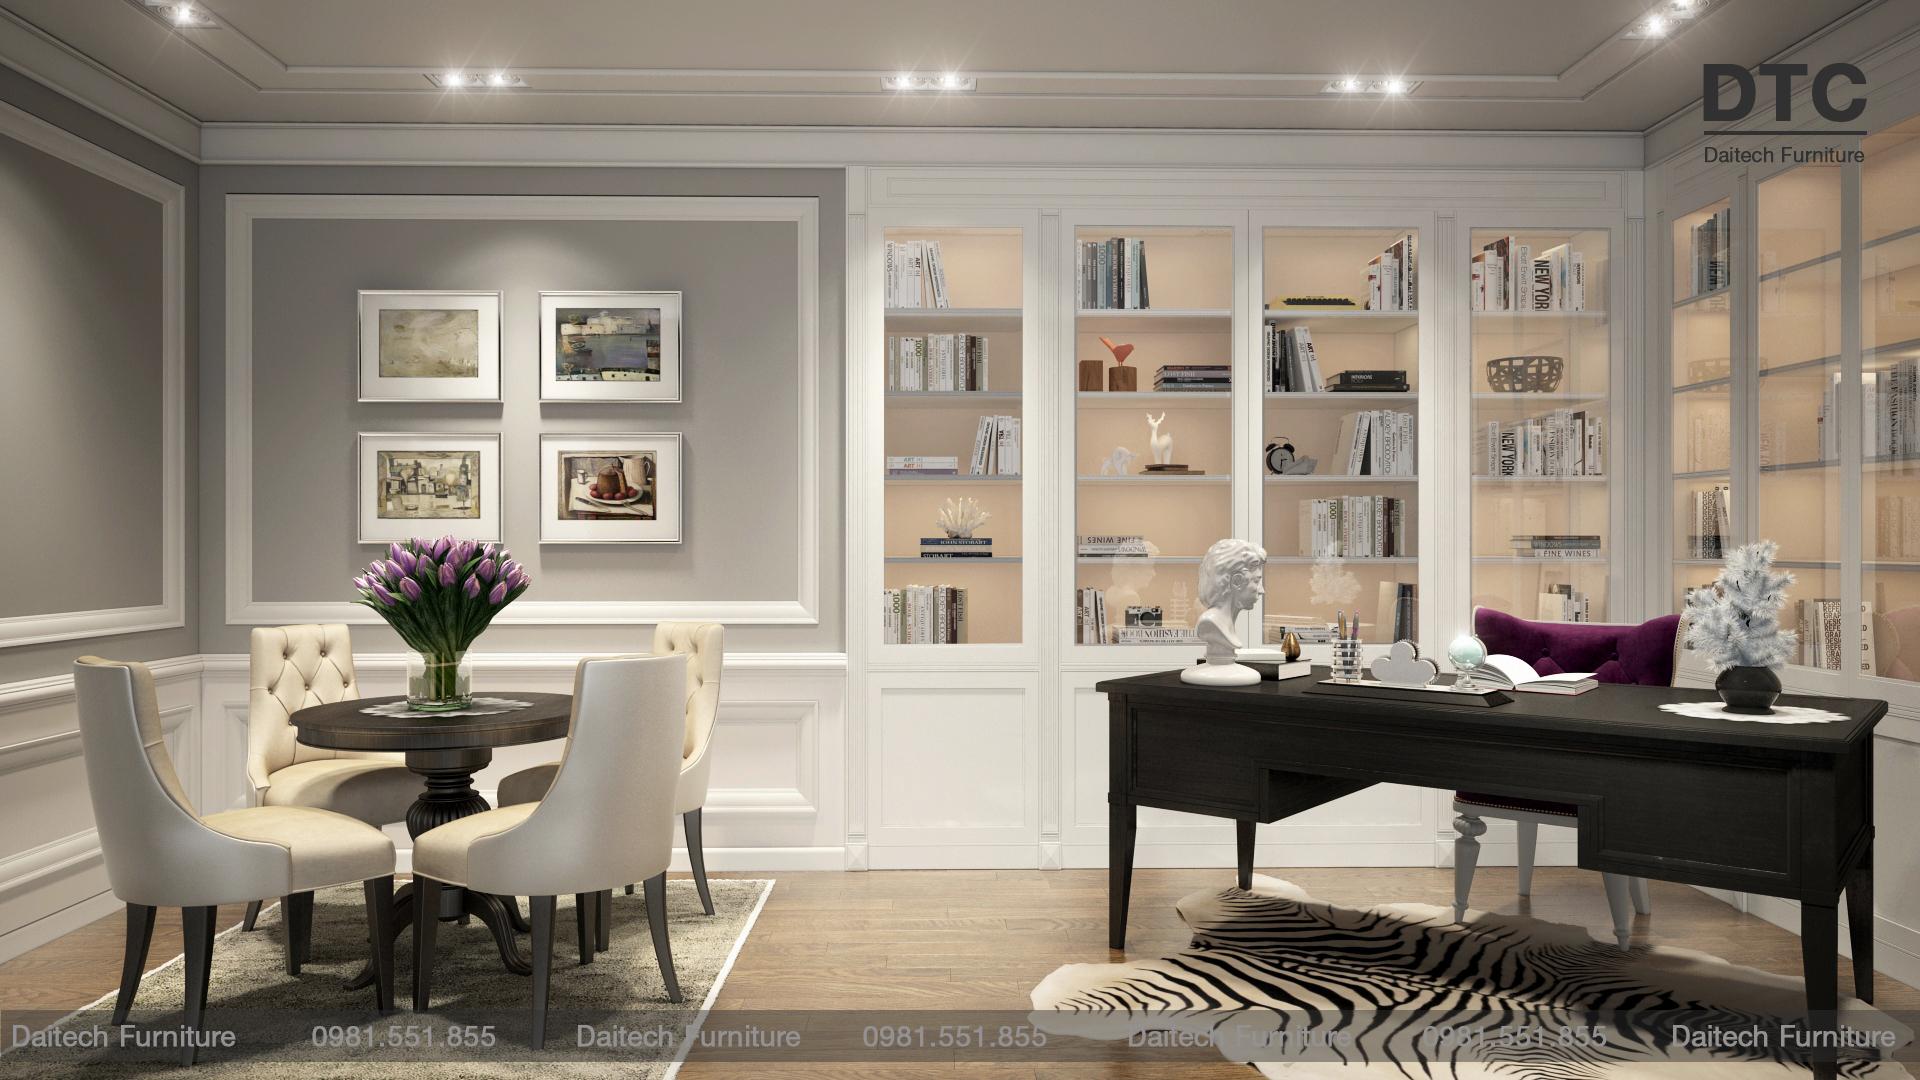 Thiết kế thi công nội thất chuyên nghiệp tại Daitech Furniture